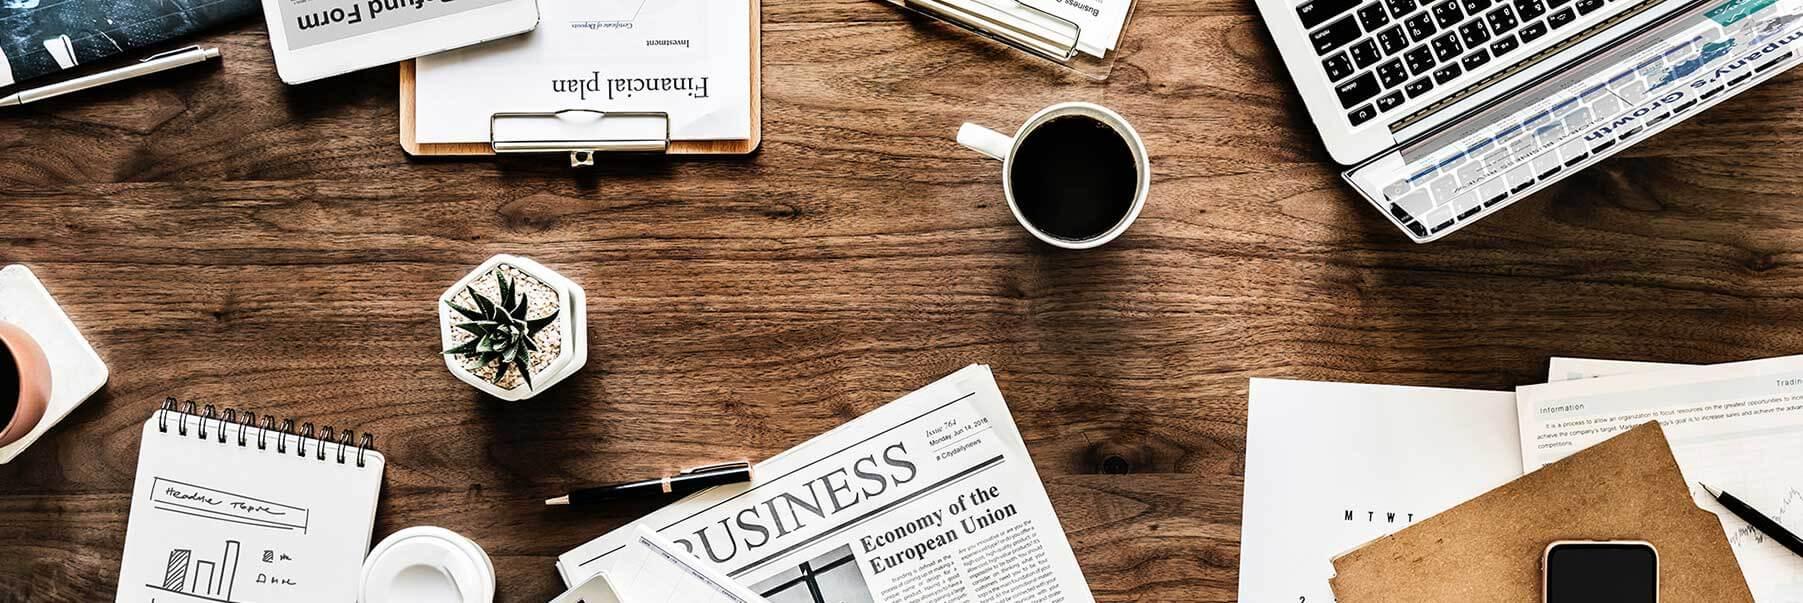 ייעוץ עסקי לעסקים